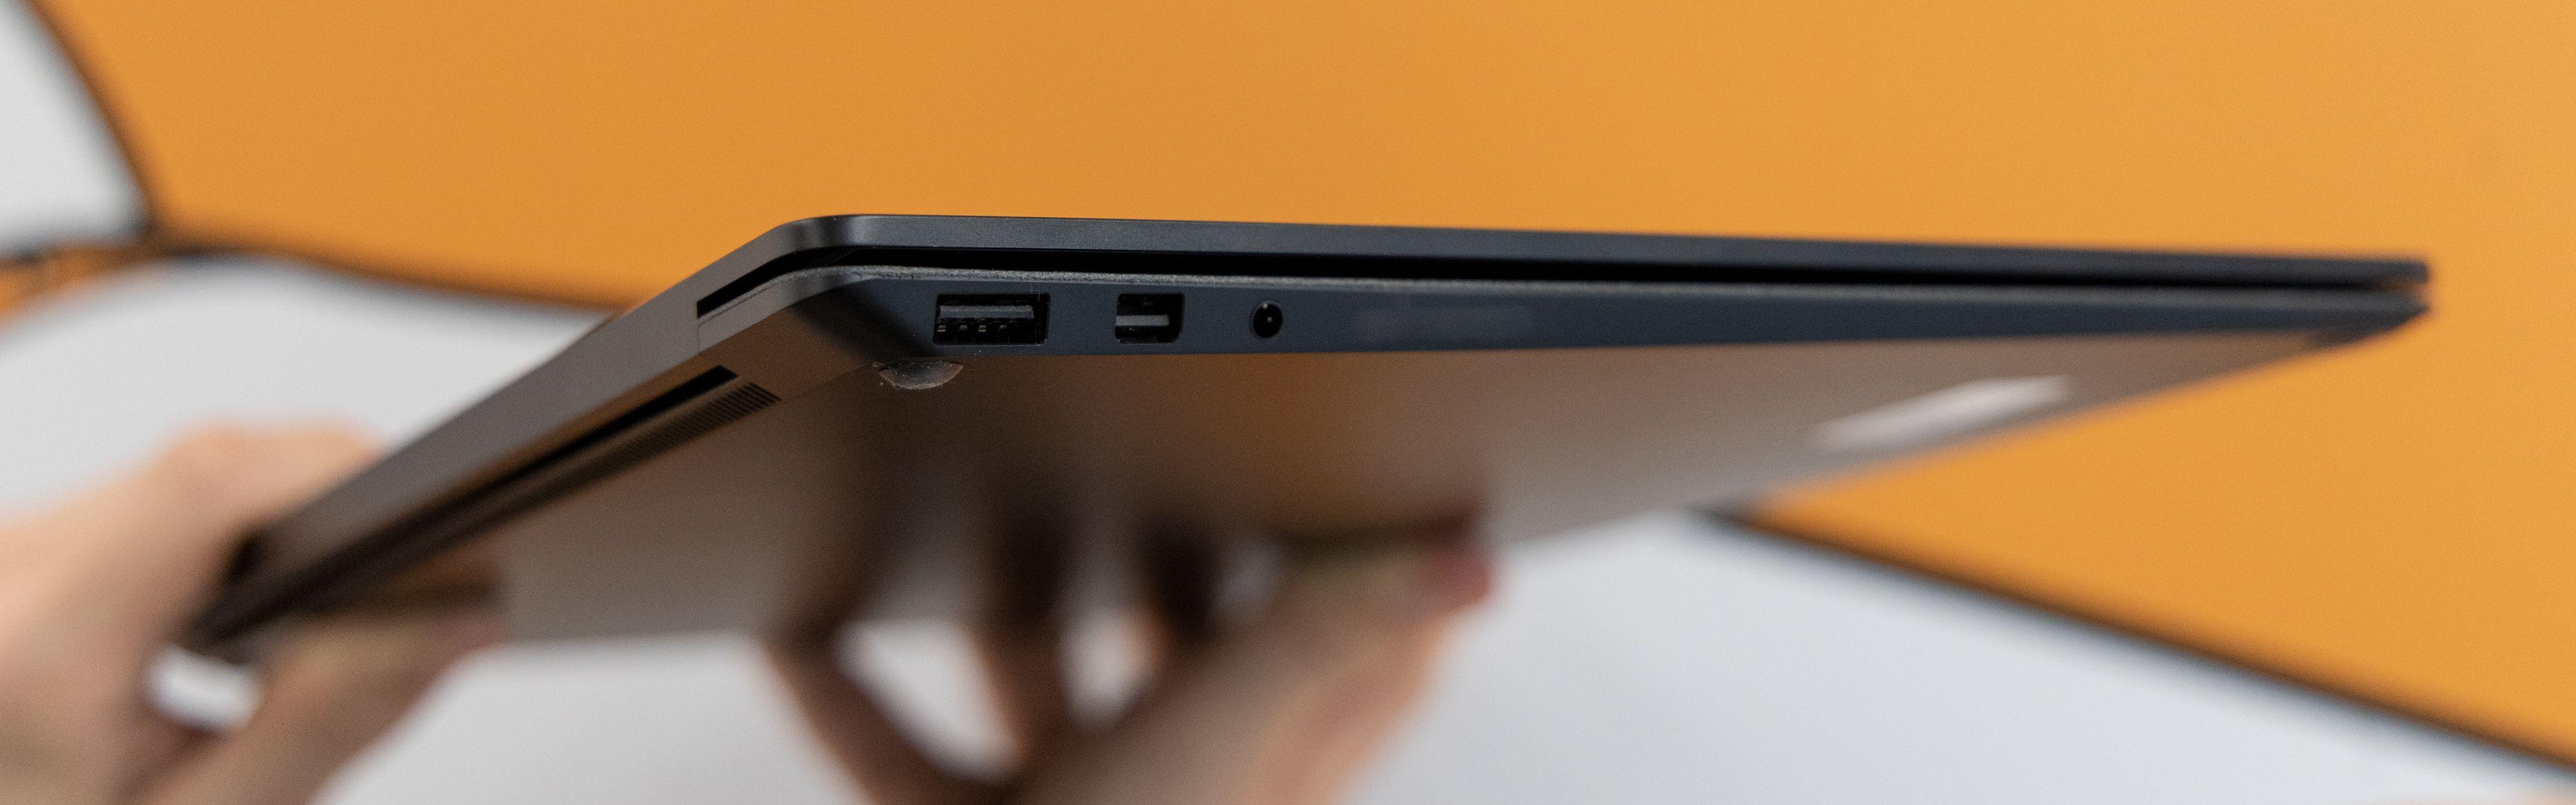 Hvorfor i all verden lanserer Microsoft en bærbar uten USB-C eller Thunderbolt 3 i 2019?